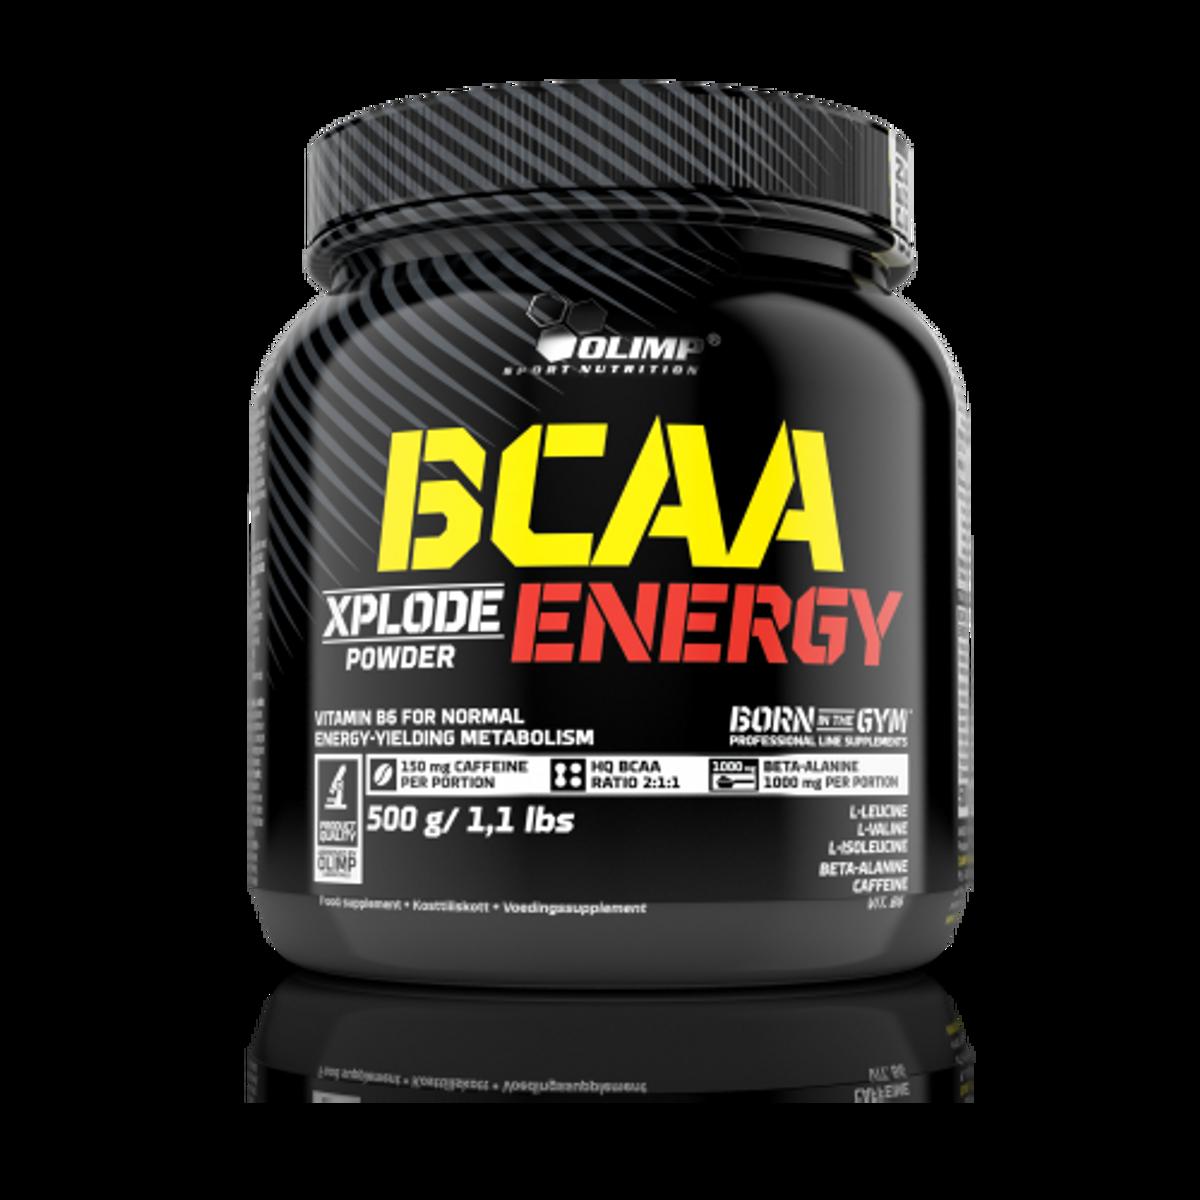 Olimp BCAA Energy Xplode - 500 g